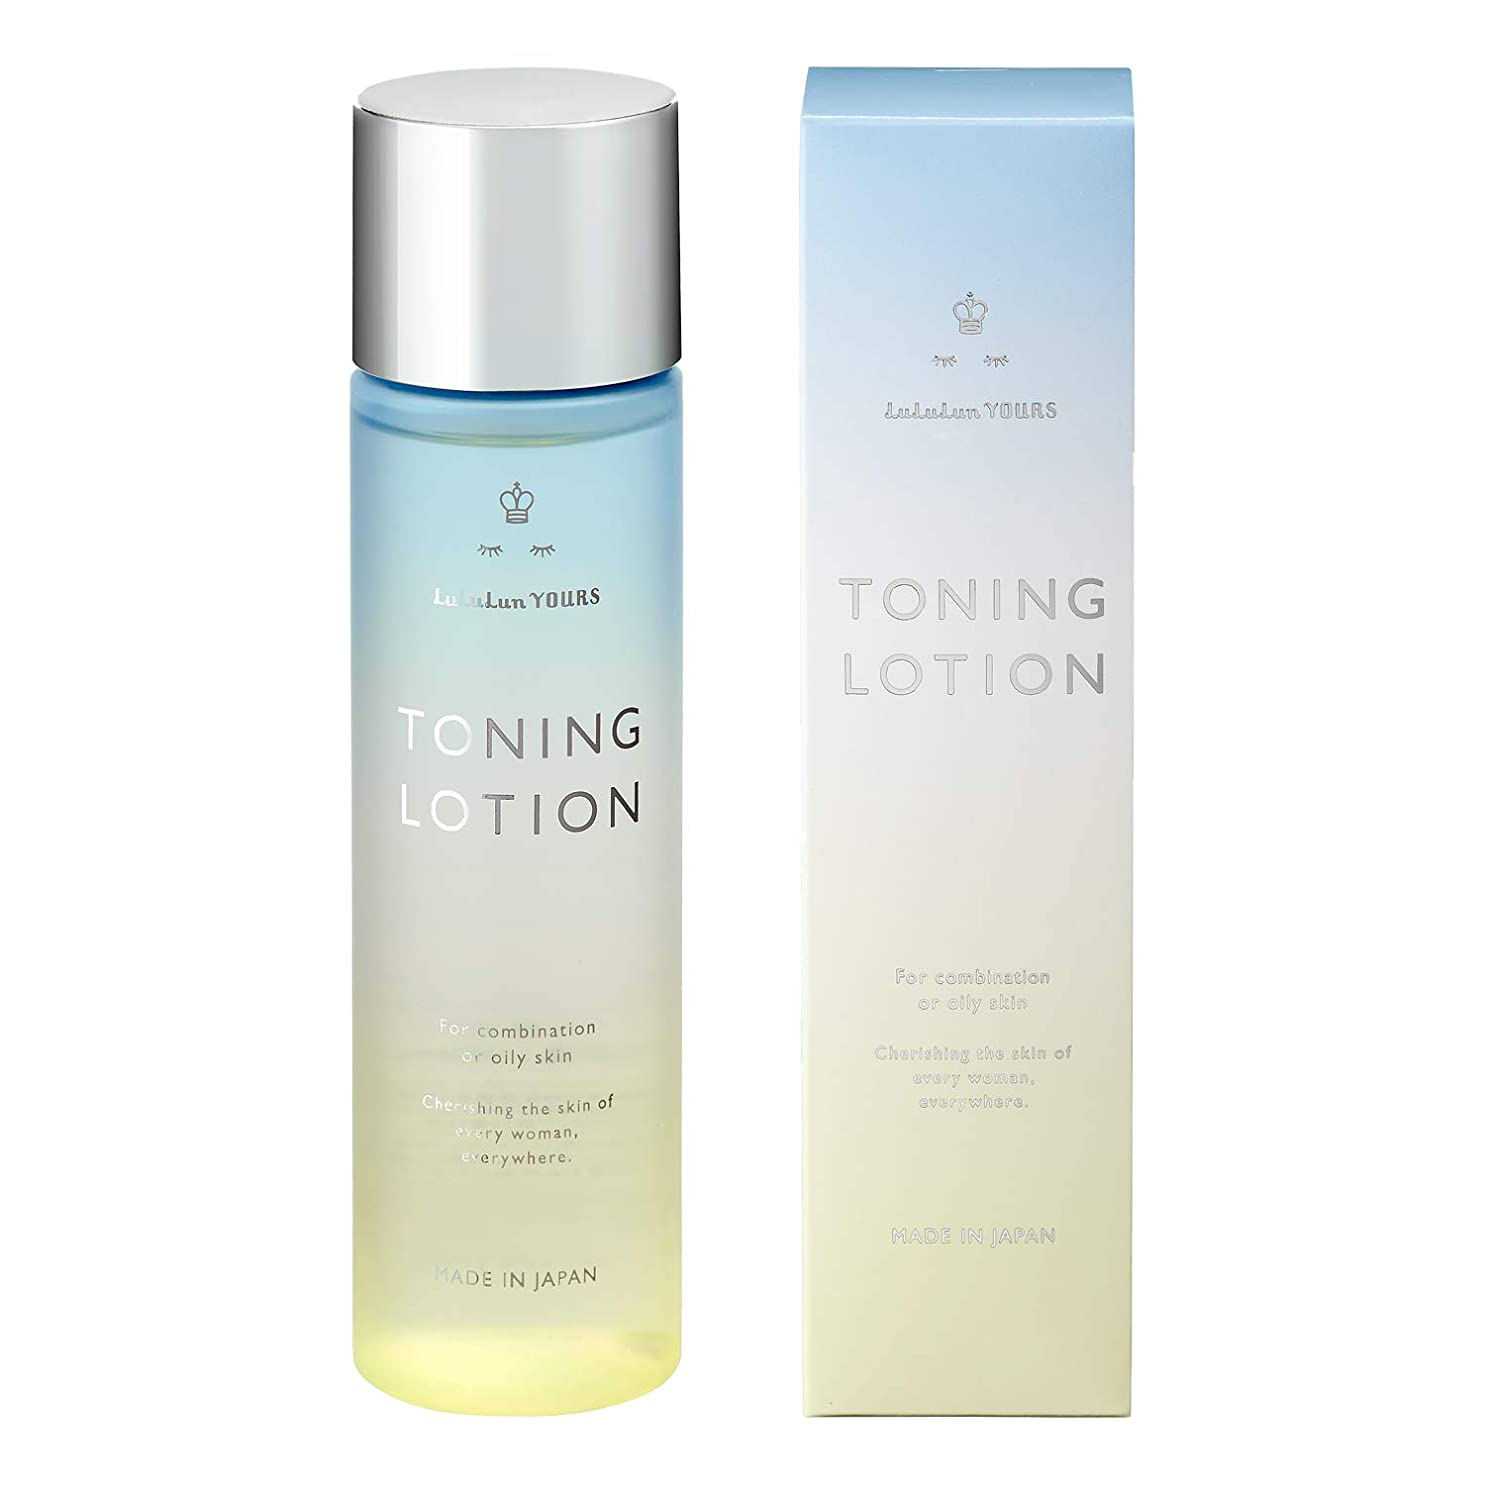 全体長さ想定するルルルンYOURS トーニングローション【拭き取り専用化粧水】